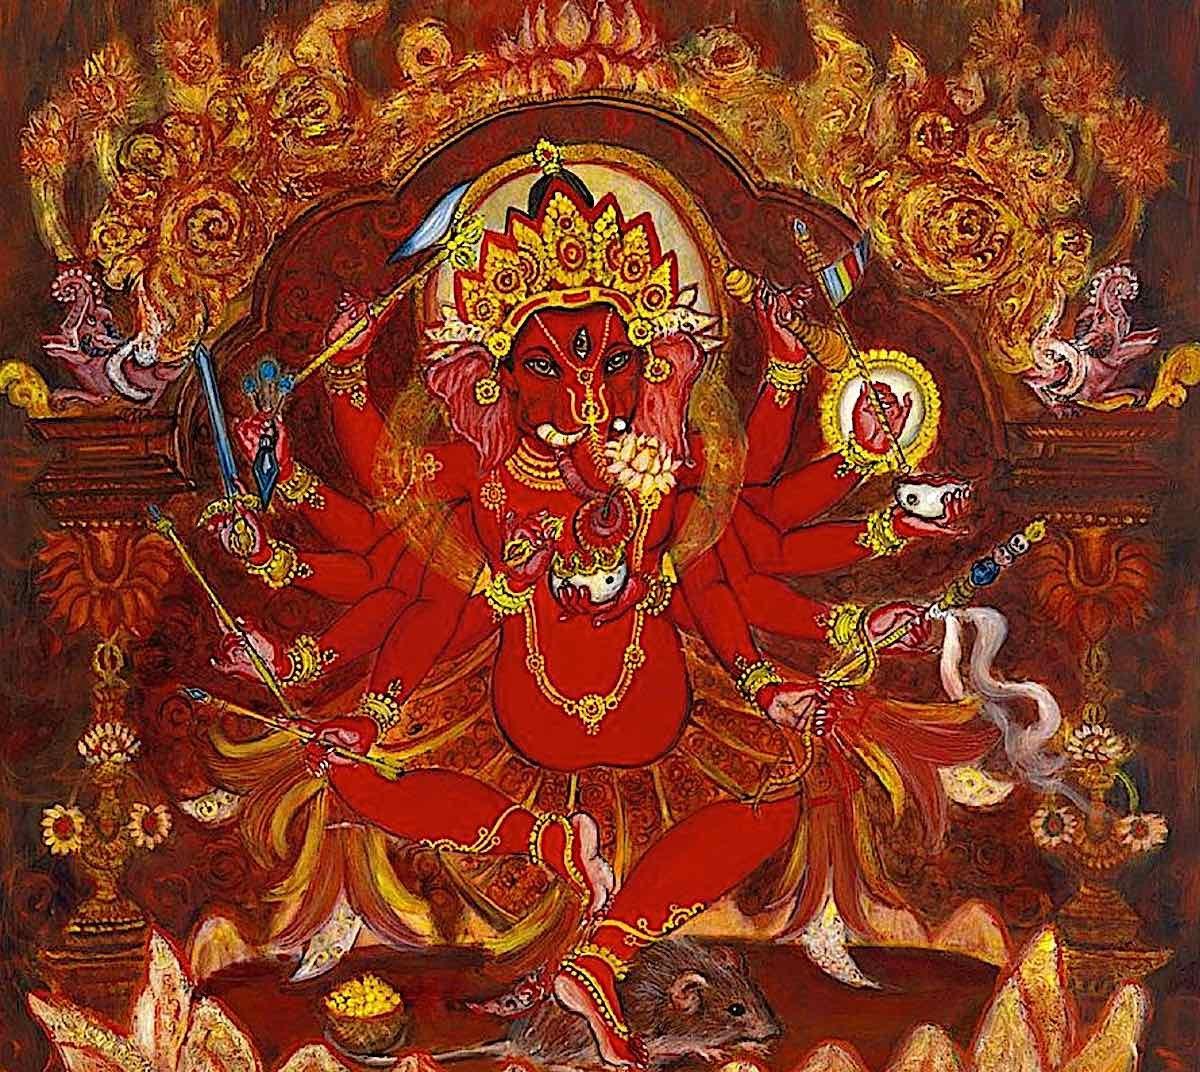 Buddha Weekly Newar style 12 armed red ganesha ganapati Buddhism